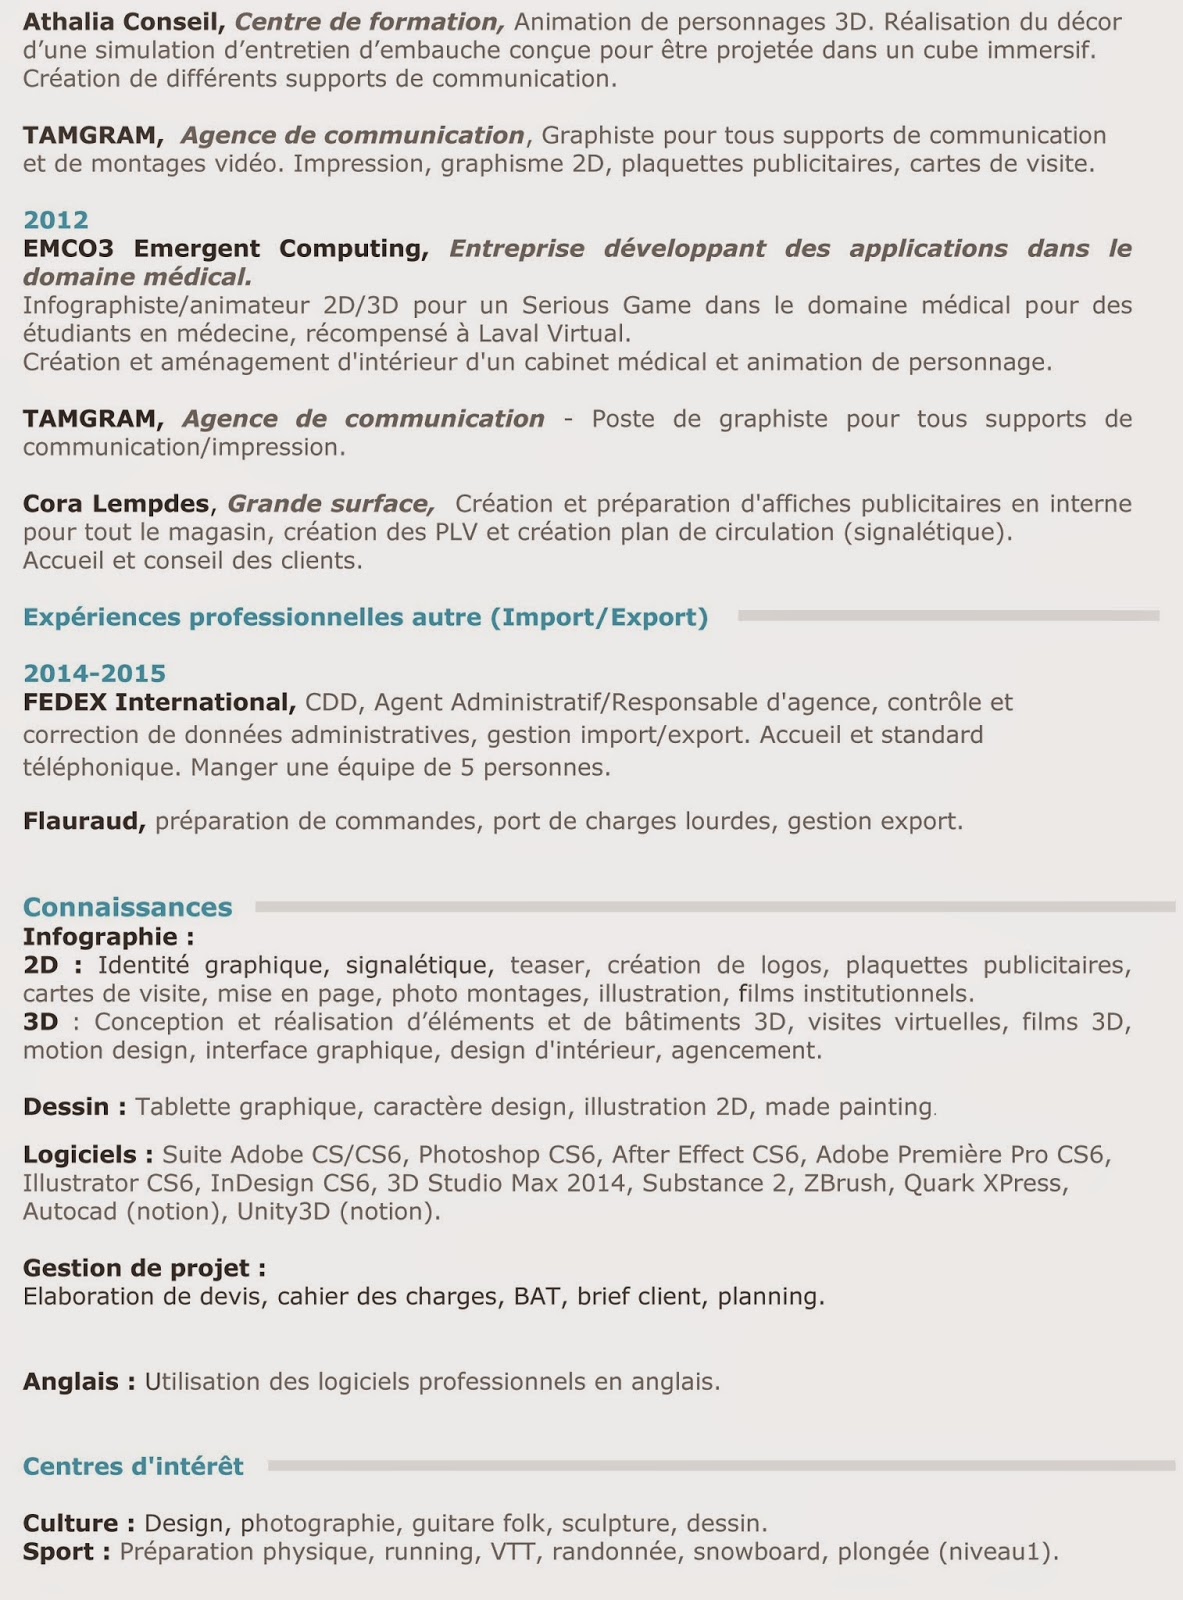 CV Geoffrey VIALETTE Graphiste 2D 3D